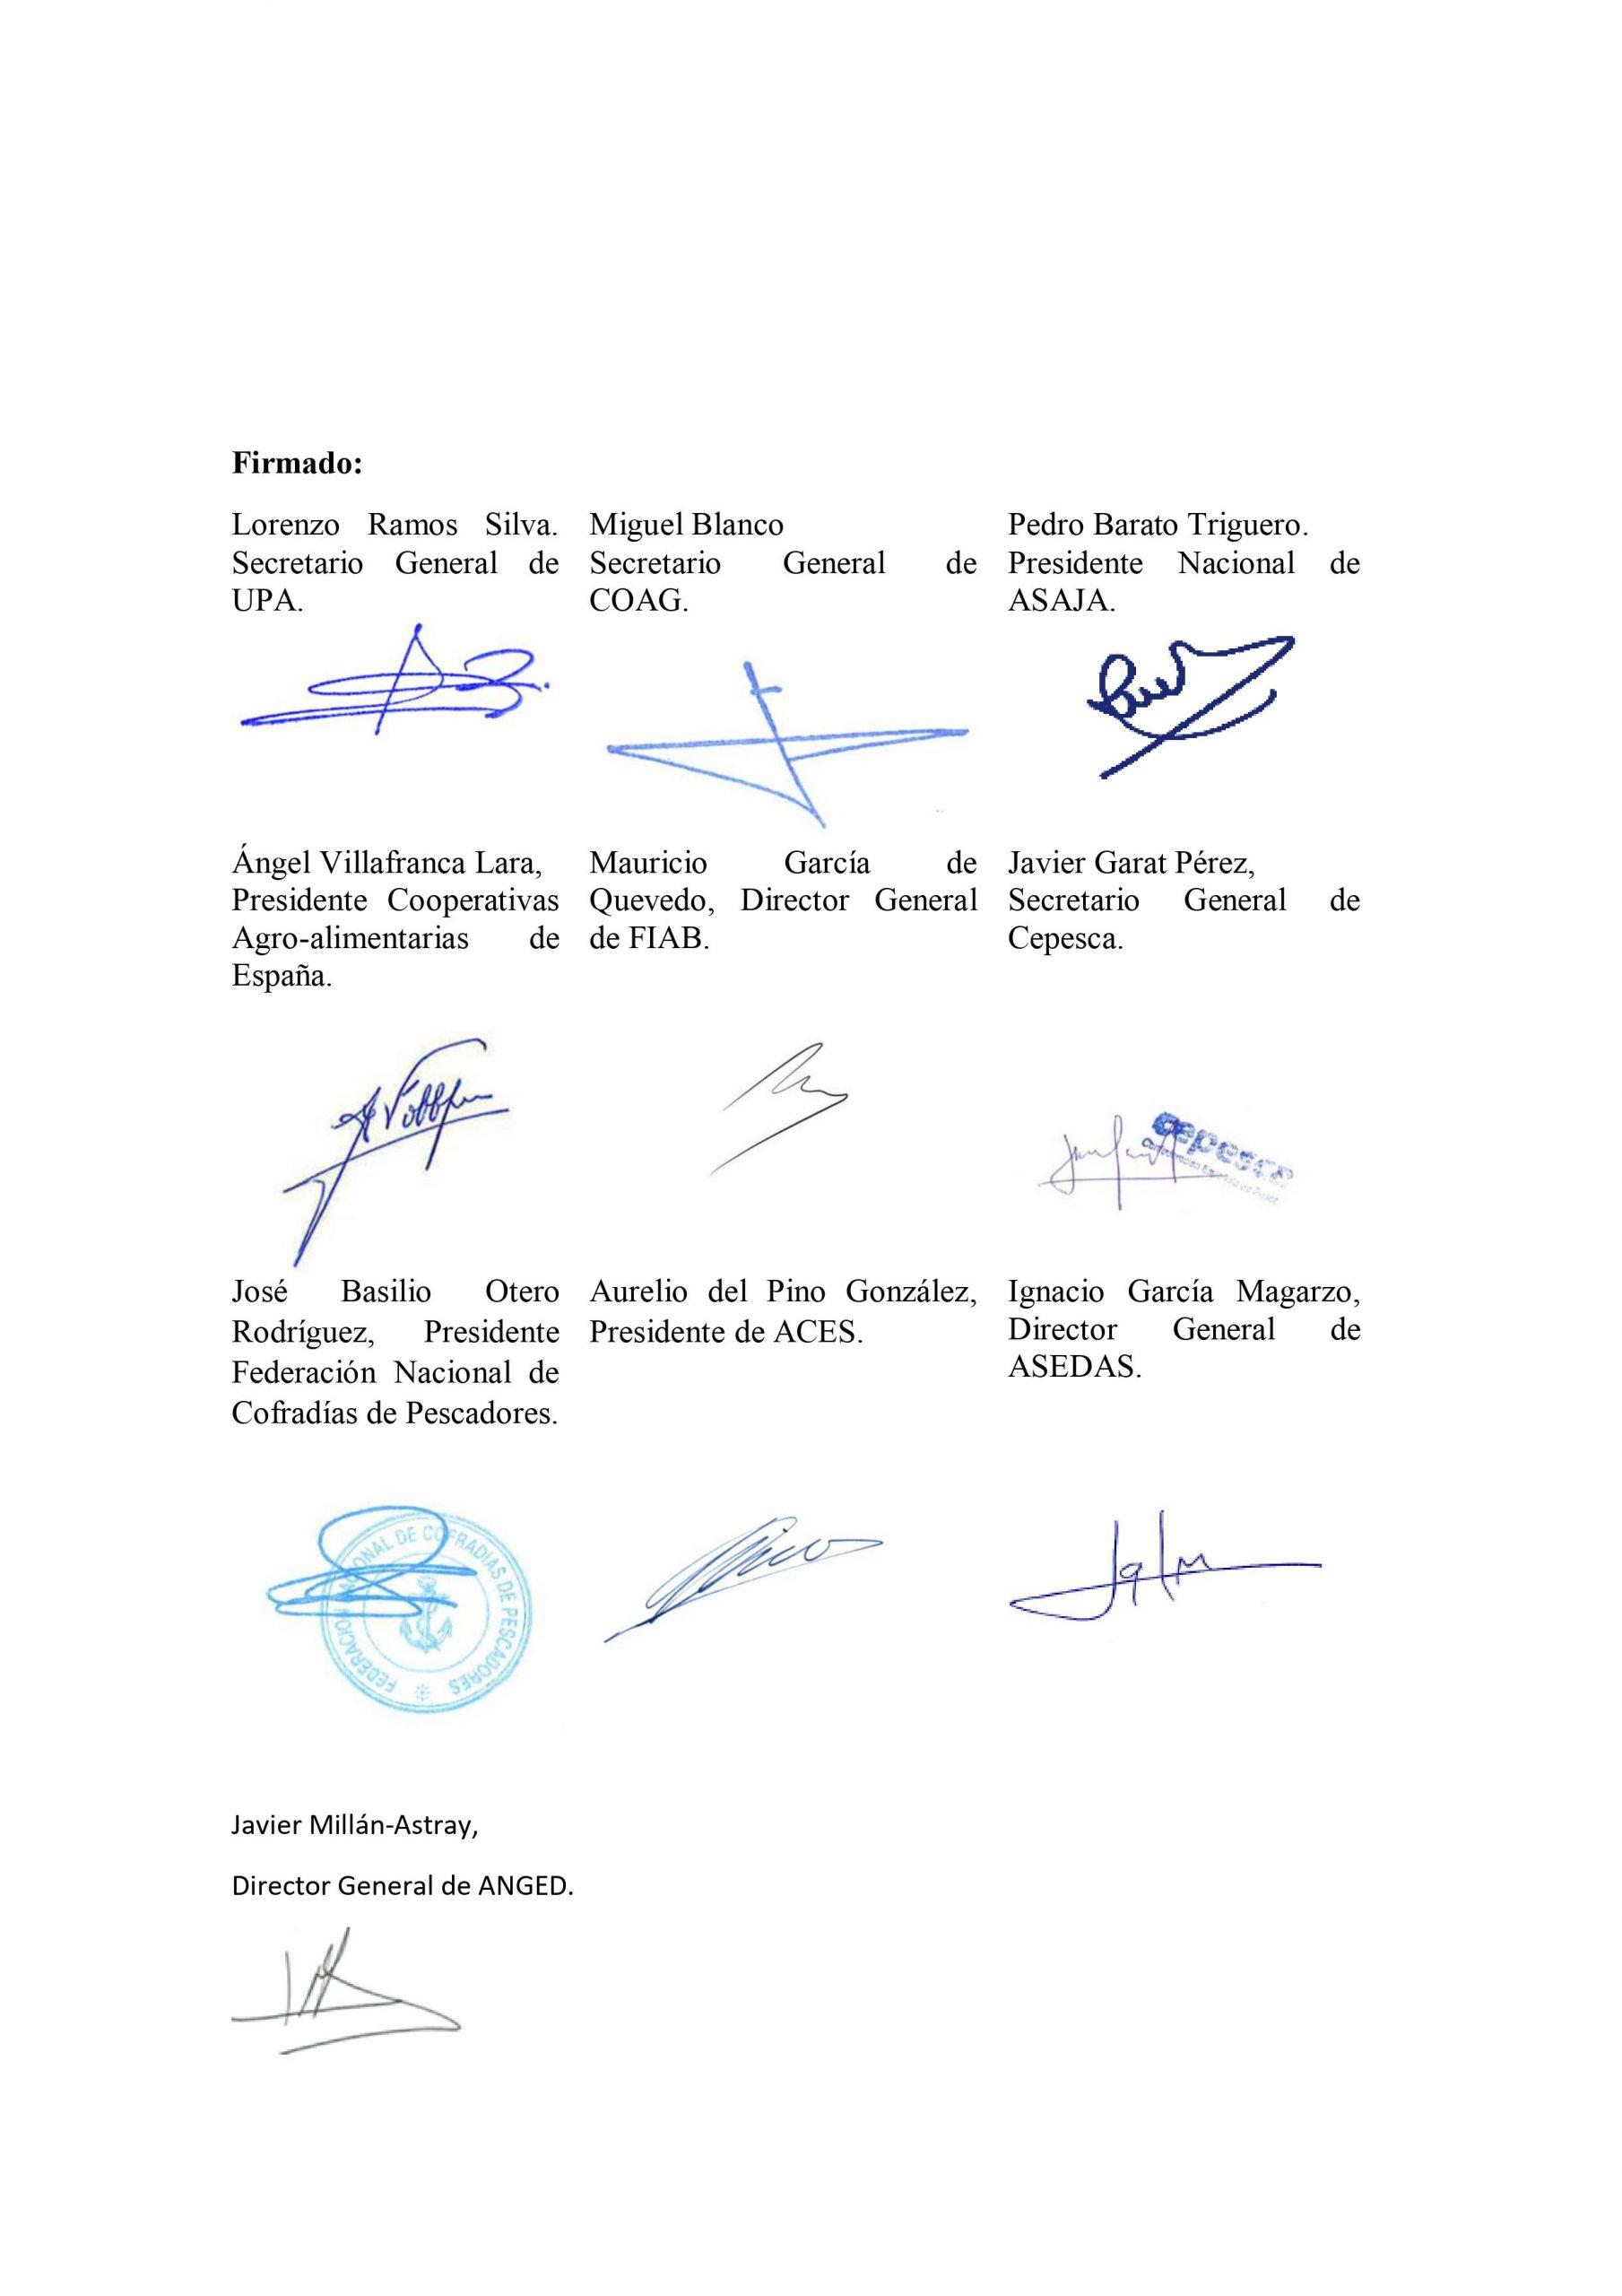 CARTA DE APOYO DE LAS ORGANIZACIONES AGRARIAS AL PROGRAMA AGROSFERA